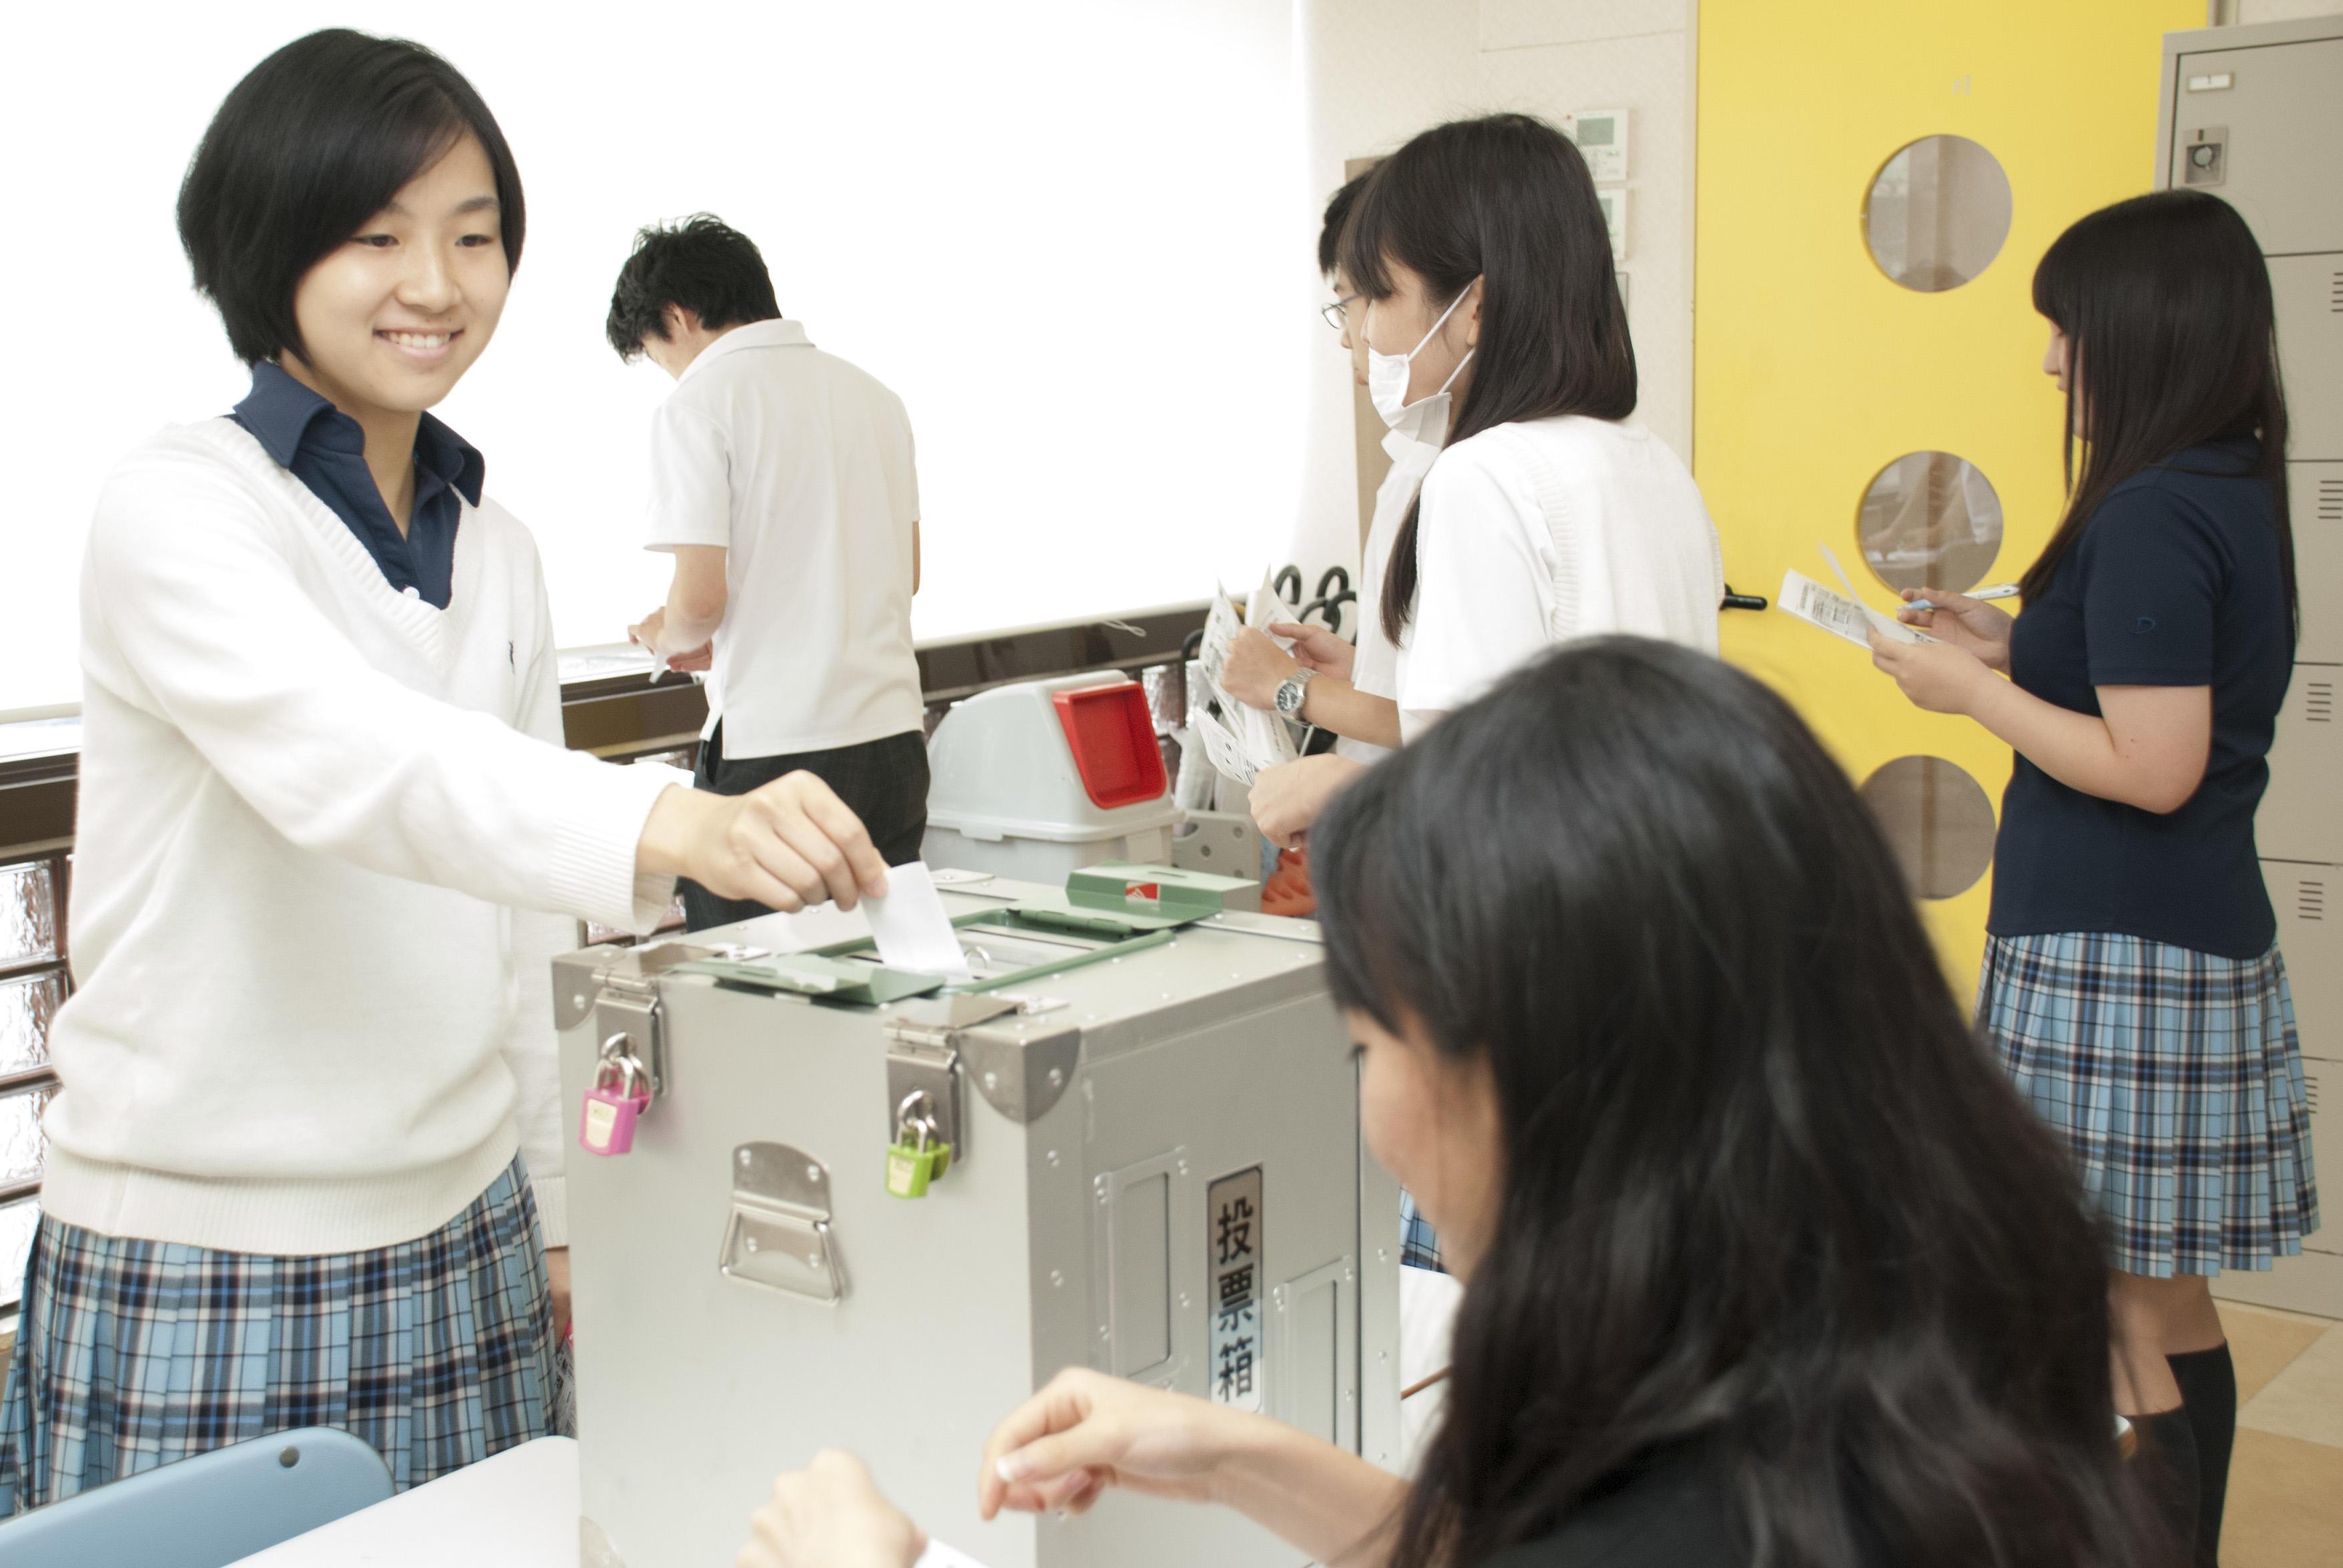 クラーク記念国際高等学校が全国のキャンパスで沖縄県知事選挙を題材にした主権者教育を実施。早稲田大学マニフェスト研究所と協力し開発したオリジナル教材を使用。